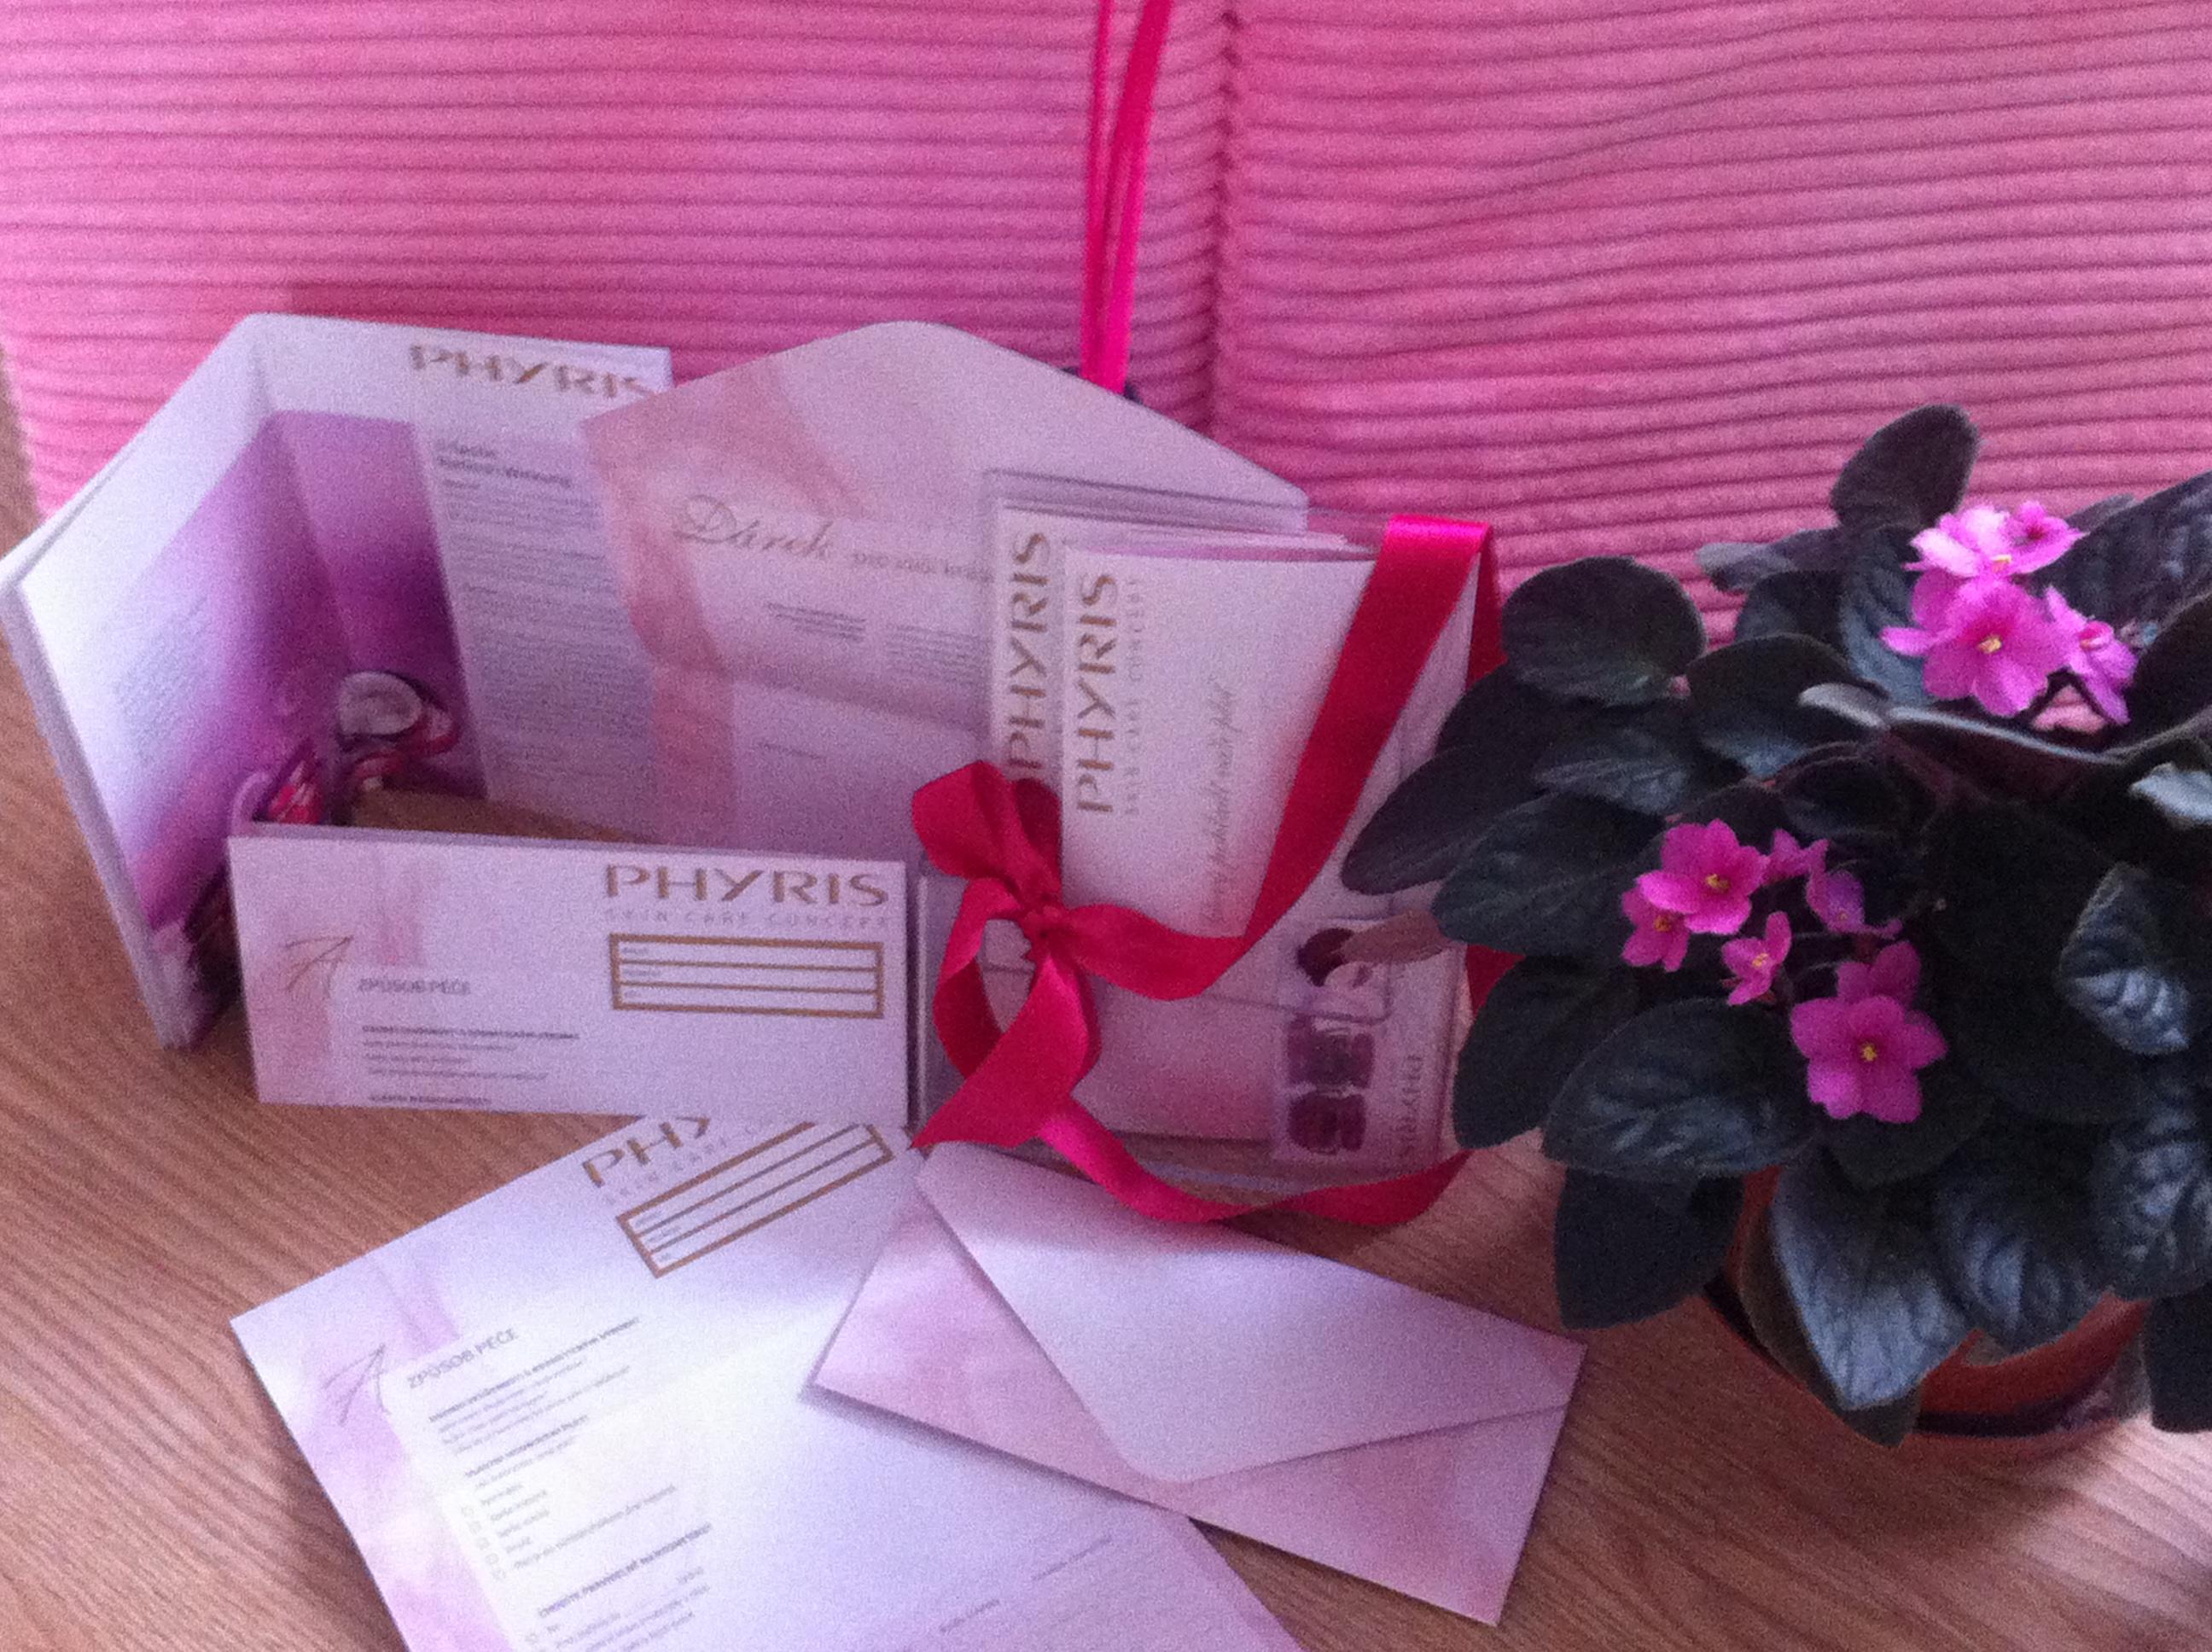 Kosmetiská poradna Phyris-diagnostika pleti